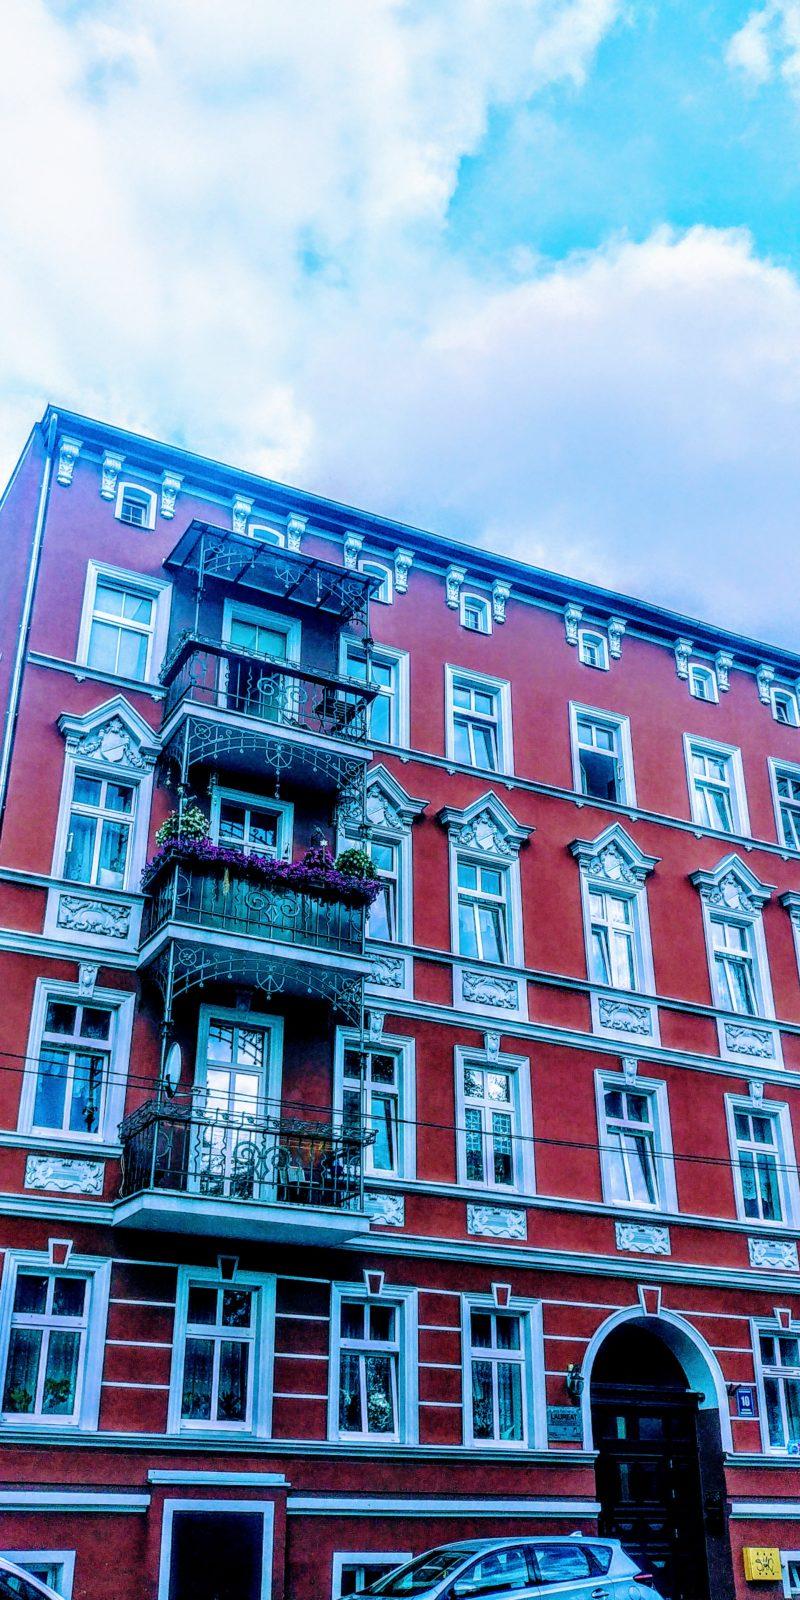 Kamienica - wakacje w Szczecinie